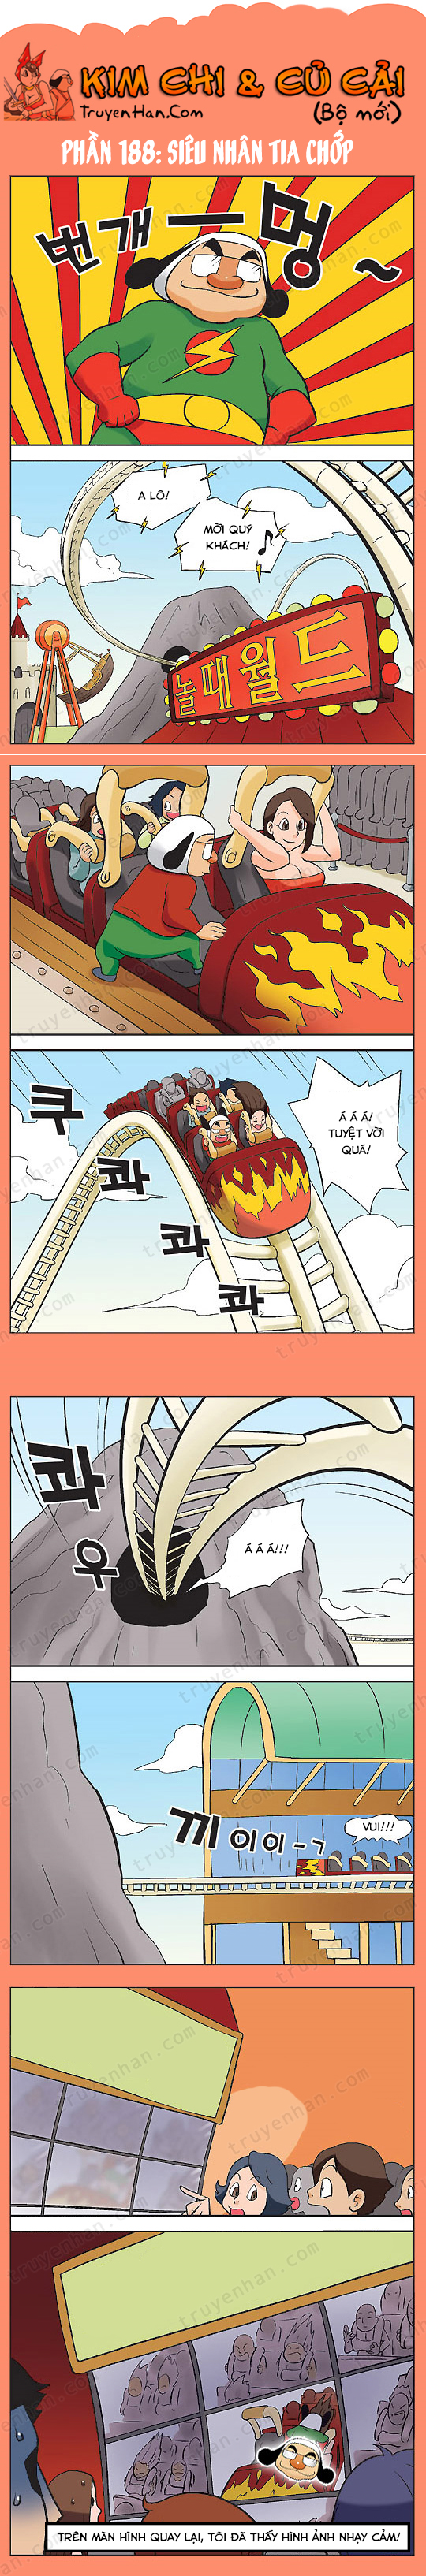 Kim Chi & Củ Cải (bộ mới) phần 188: Siêu nhân tia chớp